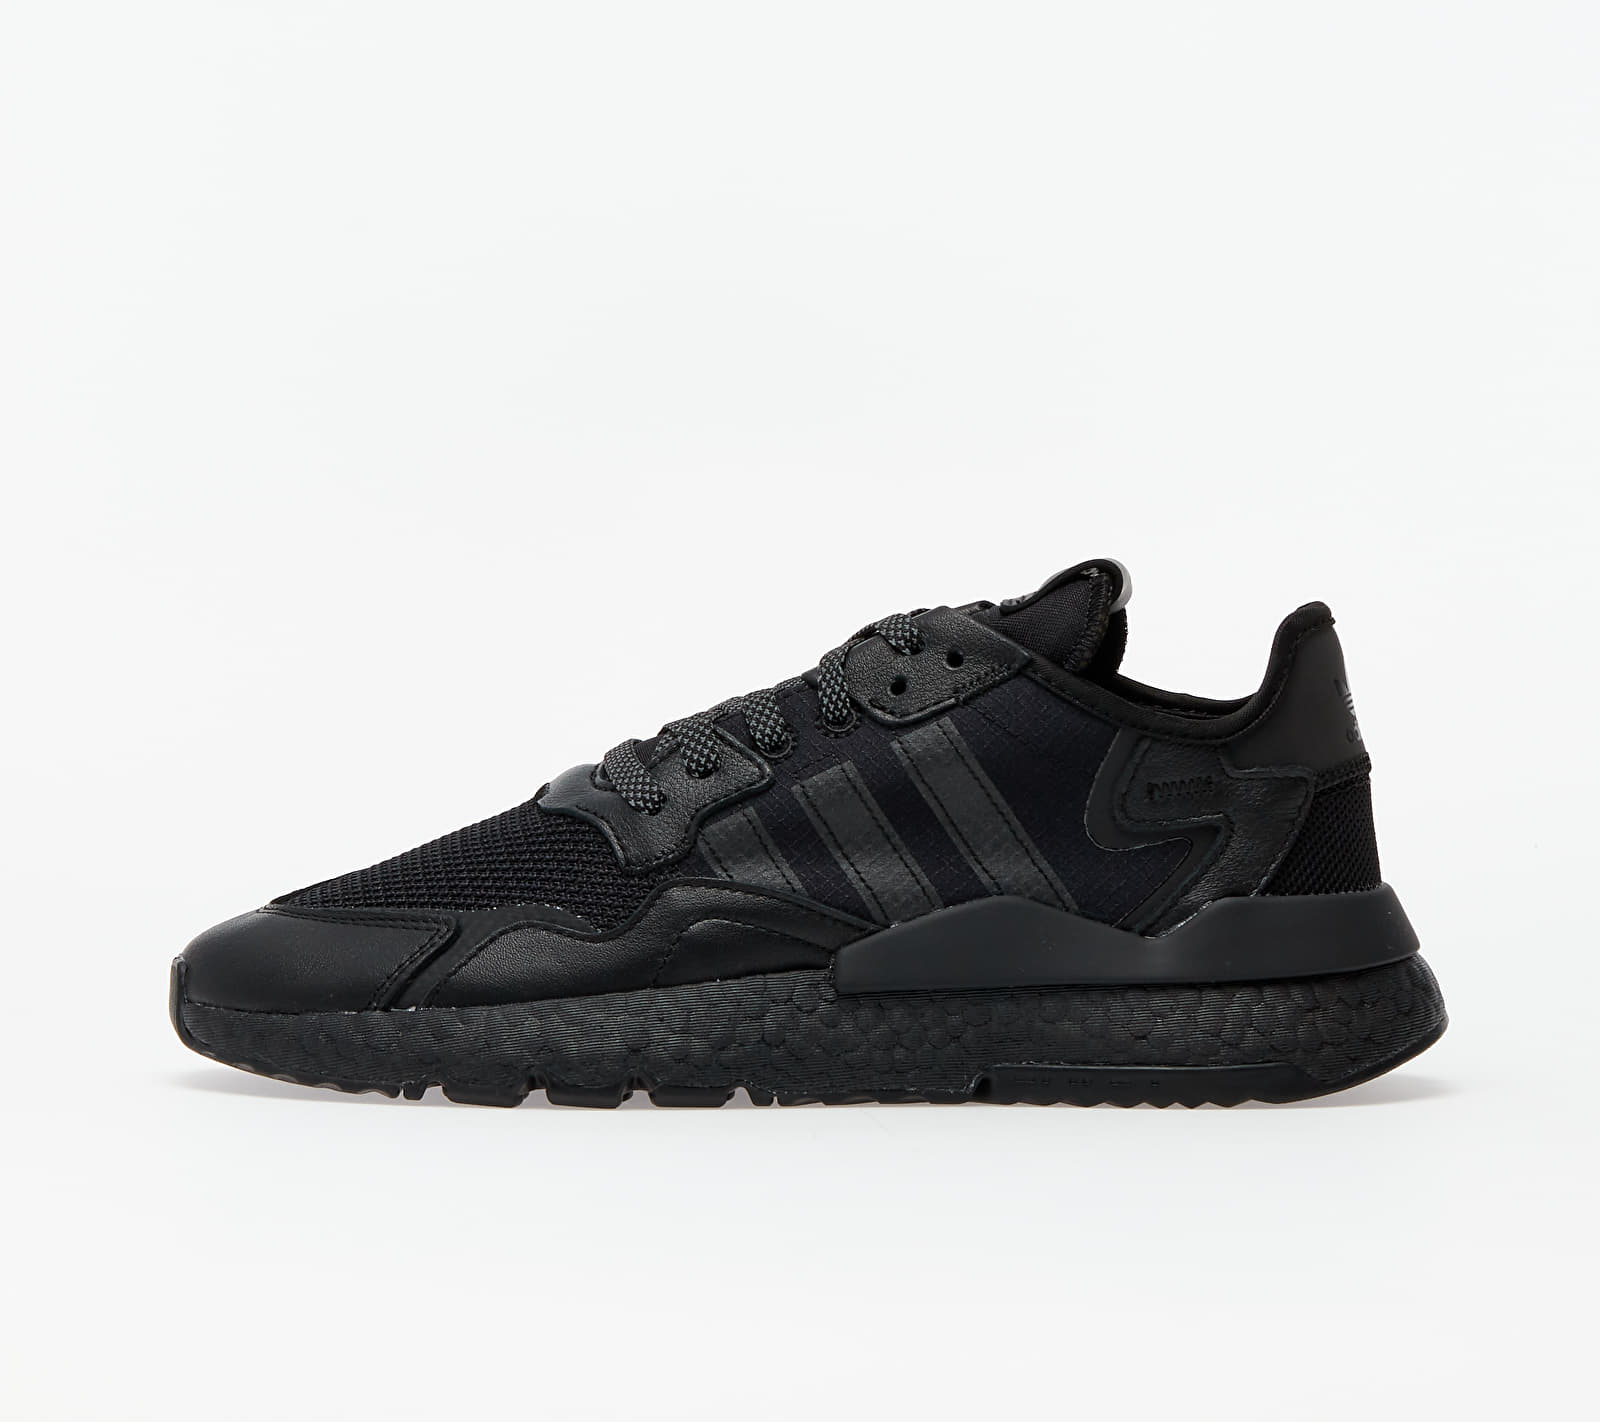 adidas Nite Jogger Core Black/ Core Black/ Core Black EUR 44